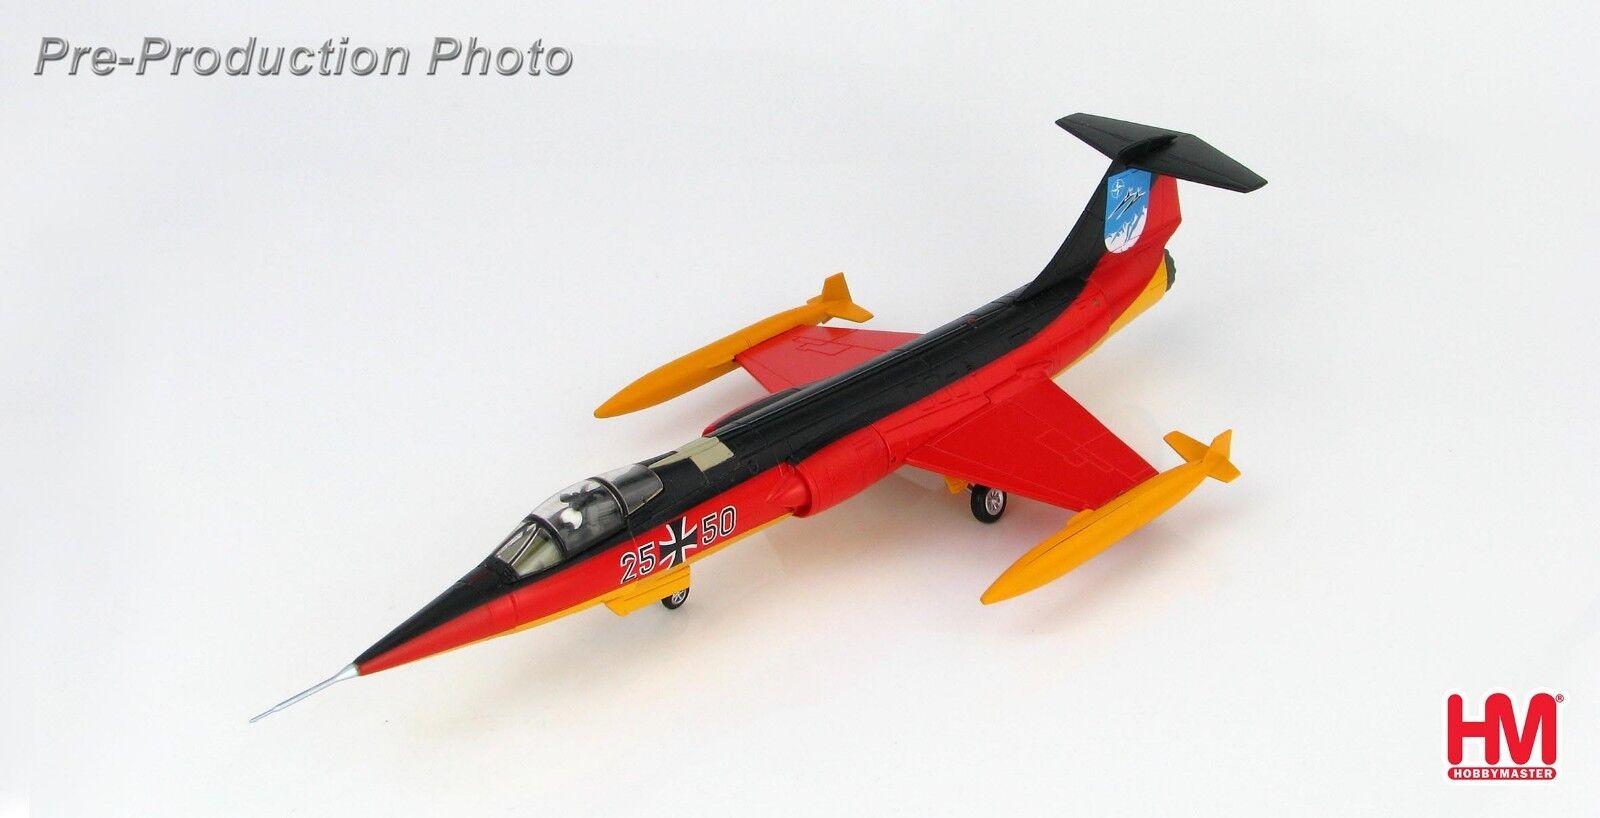 están haciendo actividades de descuento Hobby Master HA1040, HA1040, HA1040, Lockheed F-104G 25+50, 25th aniversario de JG-34 Luftwaffe  liquidación hasta el 70%